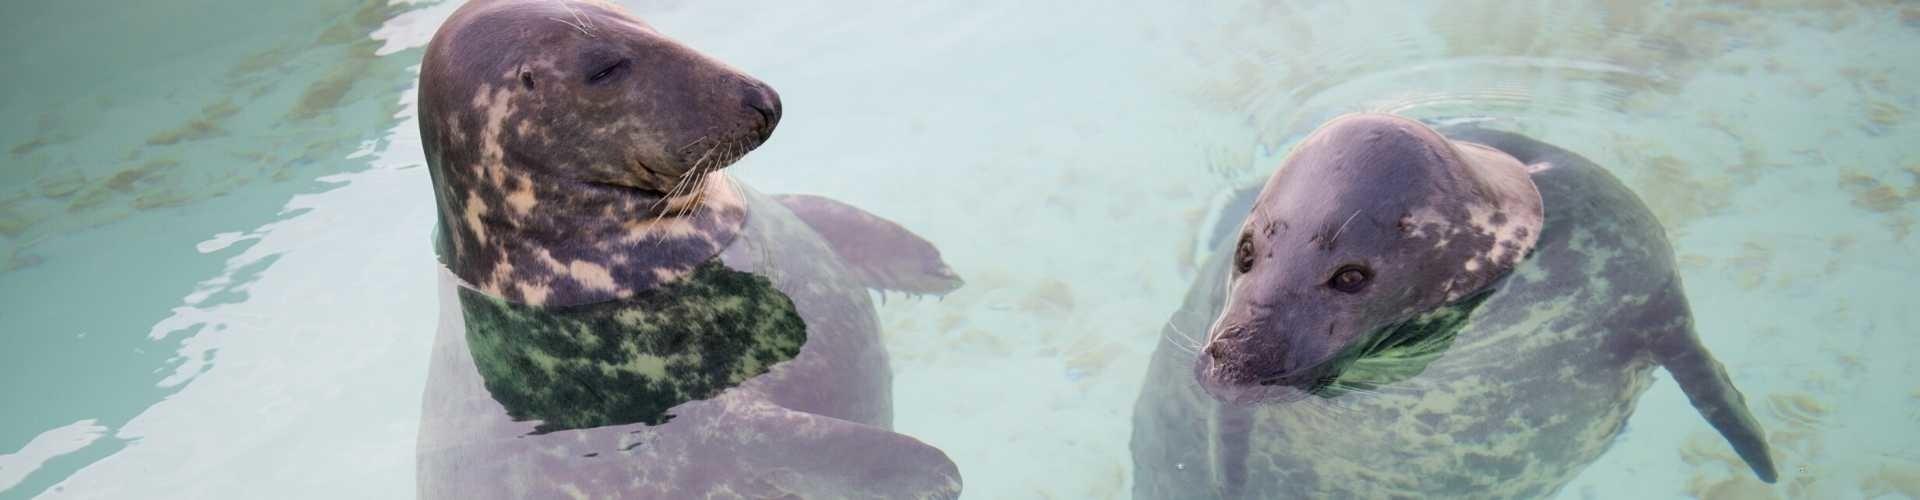 zeehonden in ecomare